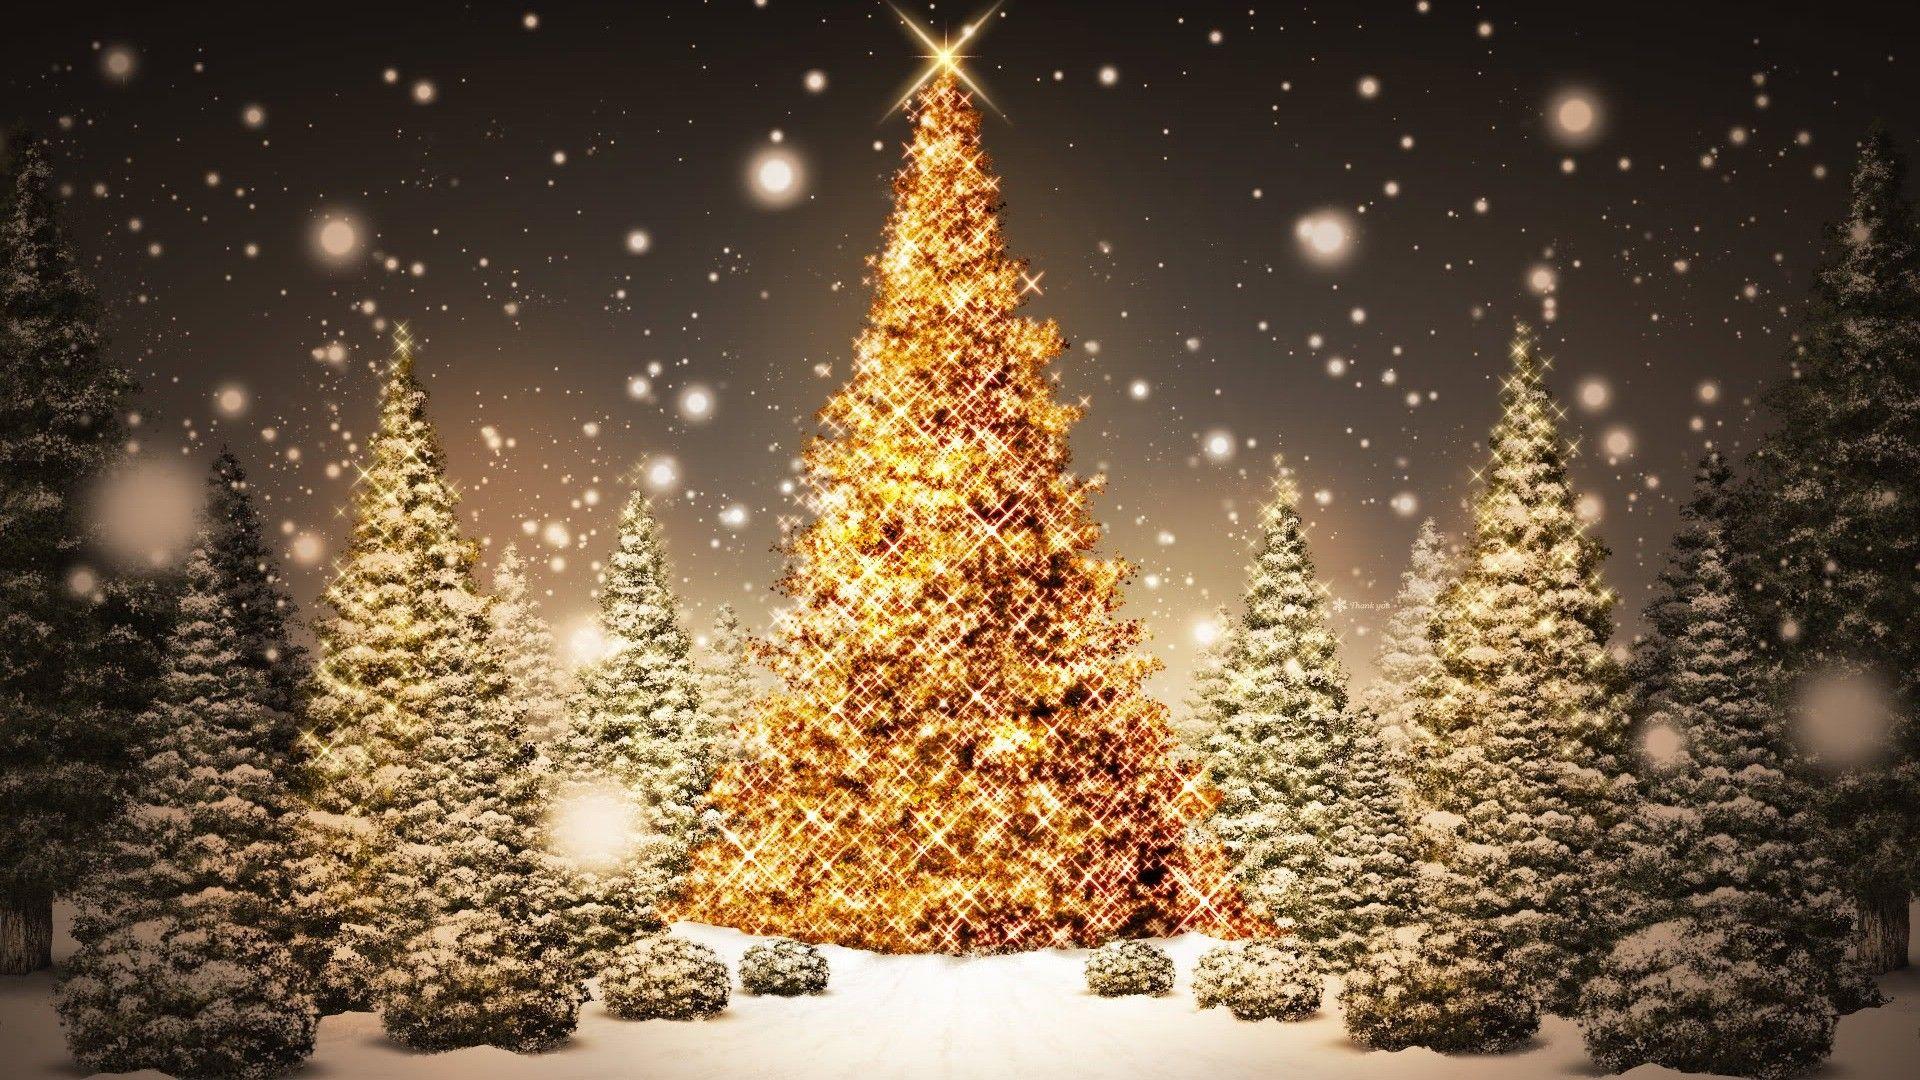 1920x1080 Christmas Tree Wallpaper Christmas Lights Wallpaper Christmas Desktop Christmas Wallpaper Free